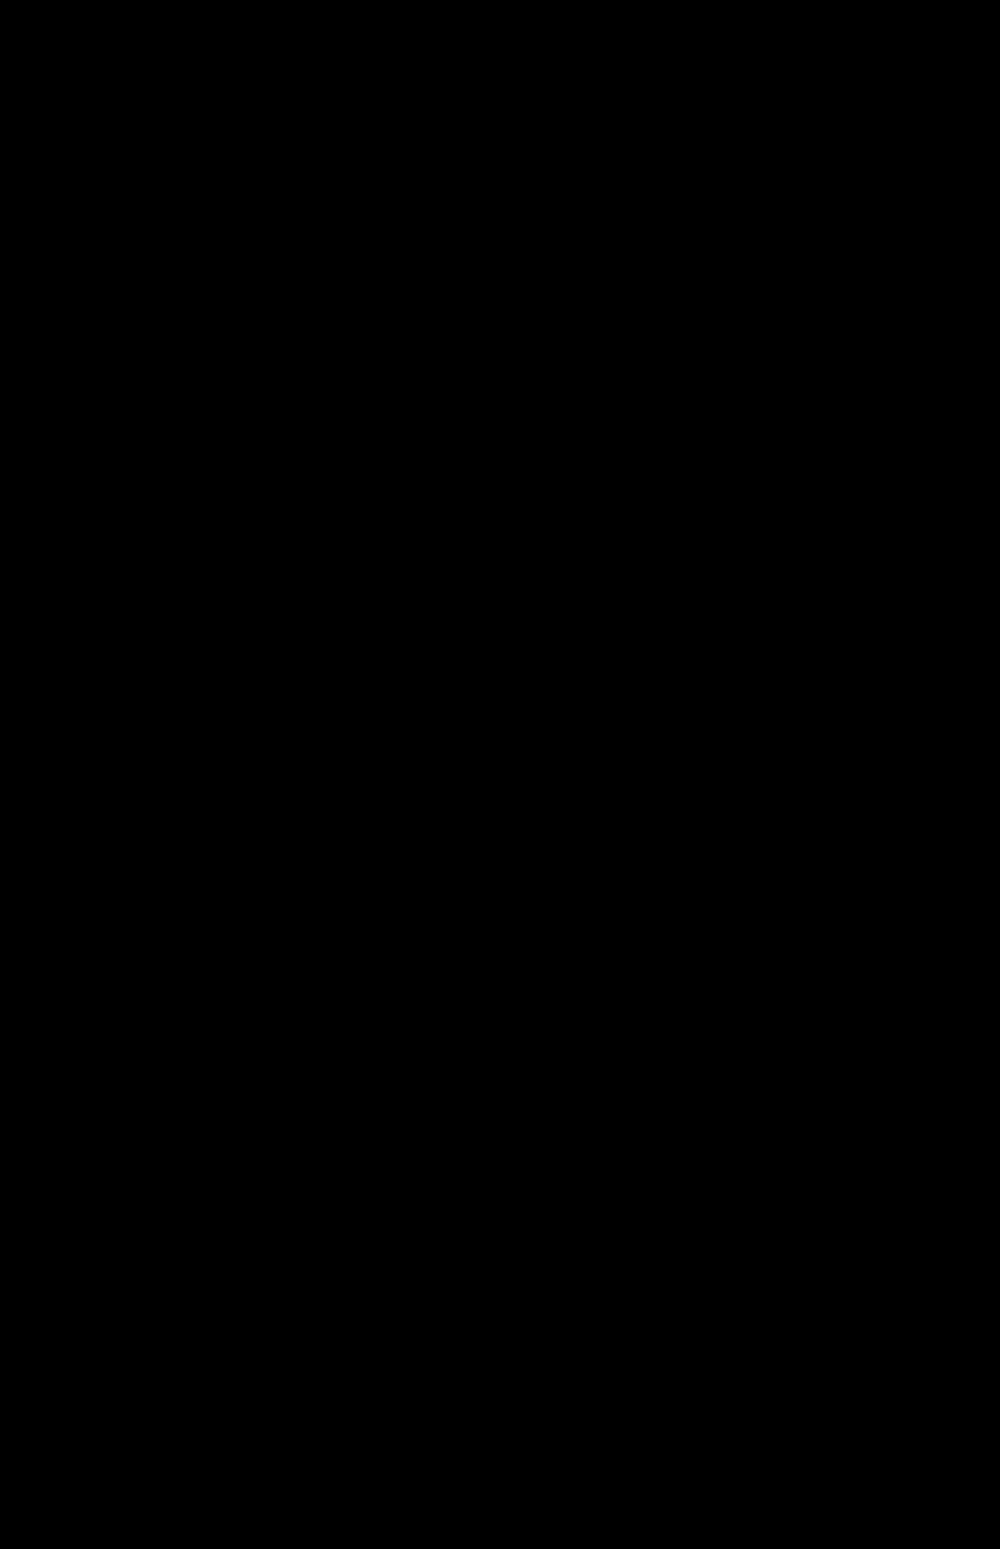 Pôster do filme 'Drácula' é leiloado por mais de R$ 1,7 milhão nos EUA